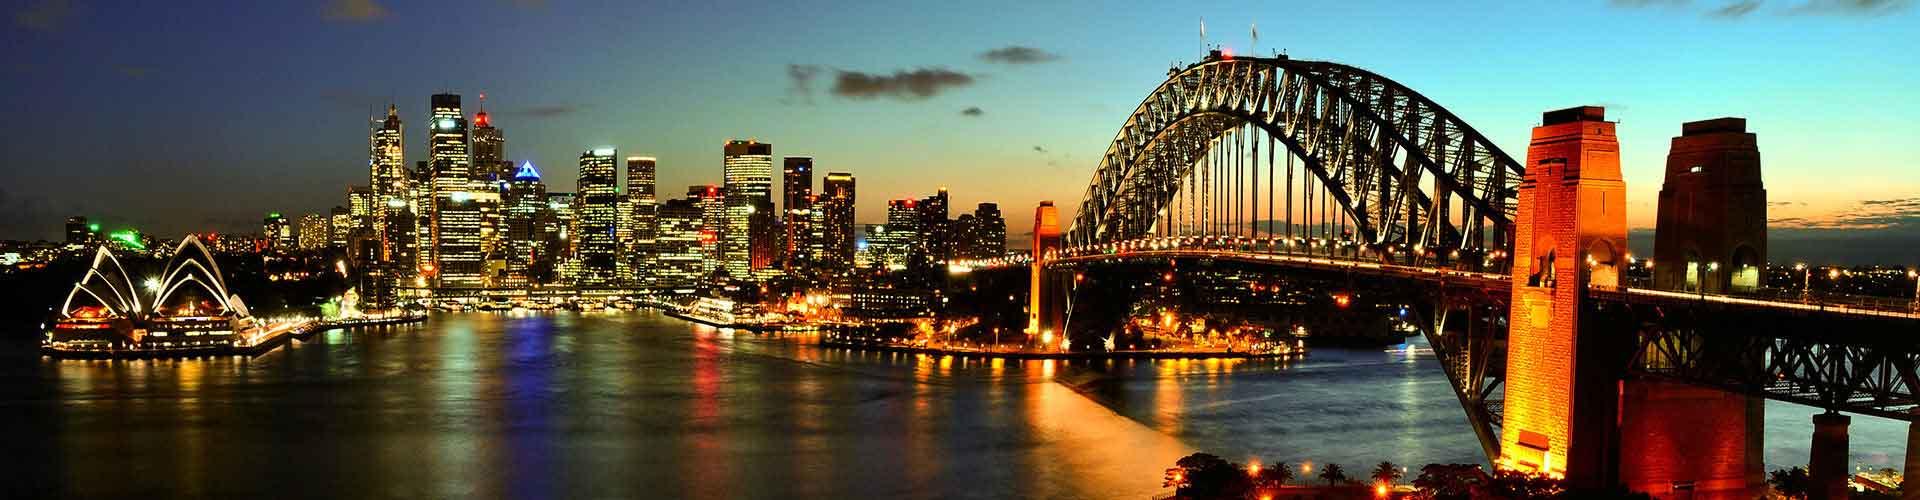 Sydney – Retkeily kaupungiosassa Woolloomooloo. Sydney -karttoja, valokuvia ja arvosteluja kaikista Sydney -retkeilyalueista.